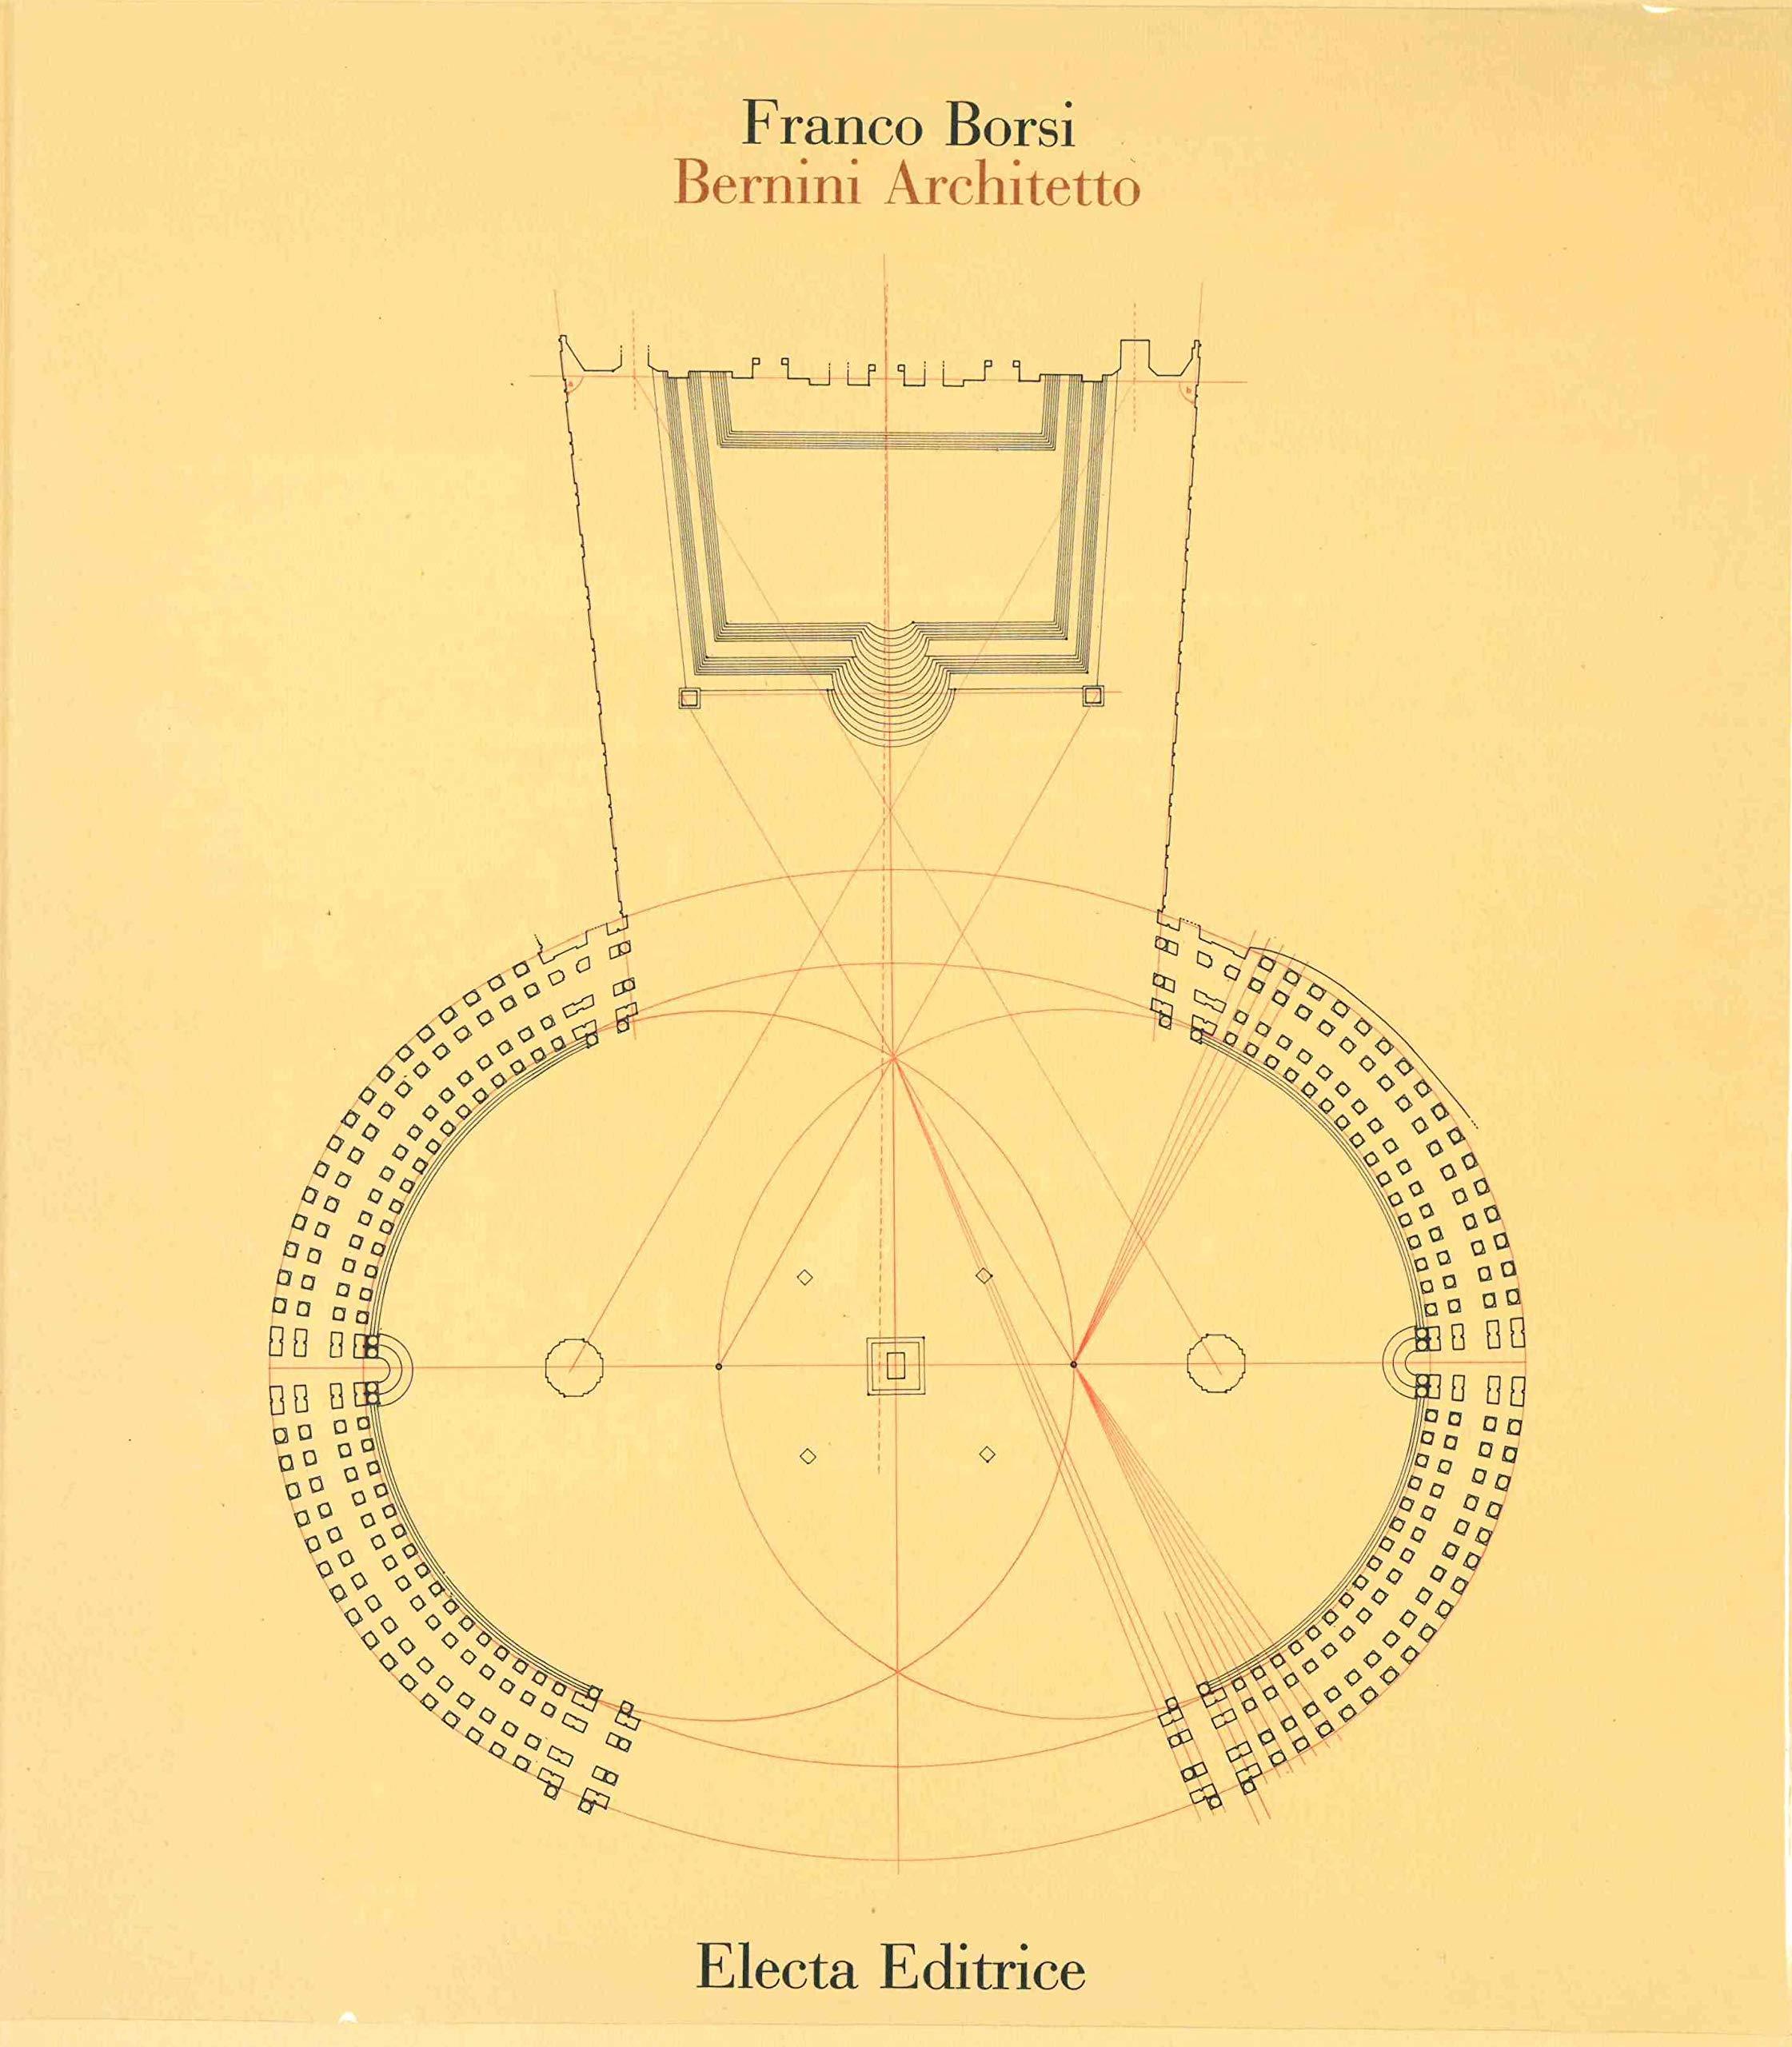 Copertina del libro Bernini architetto di Franco Borsi